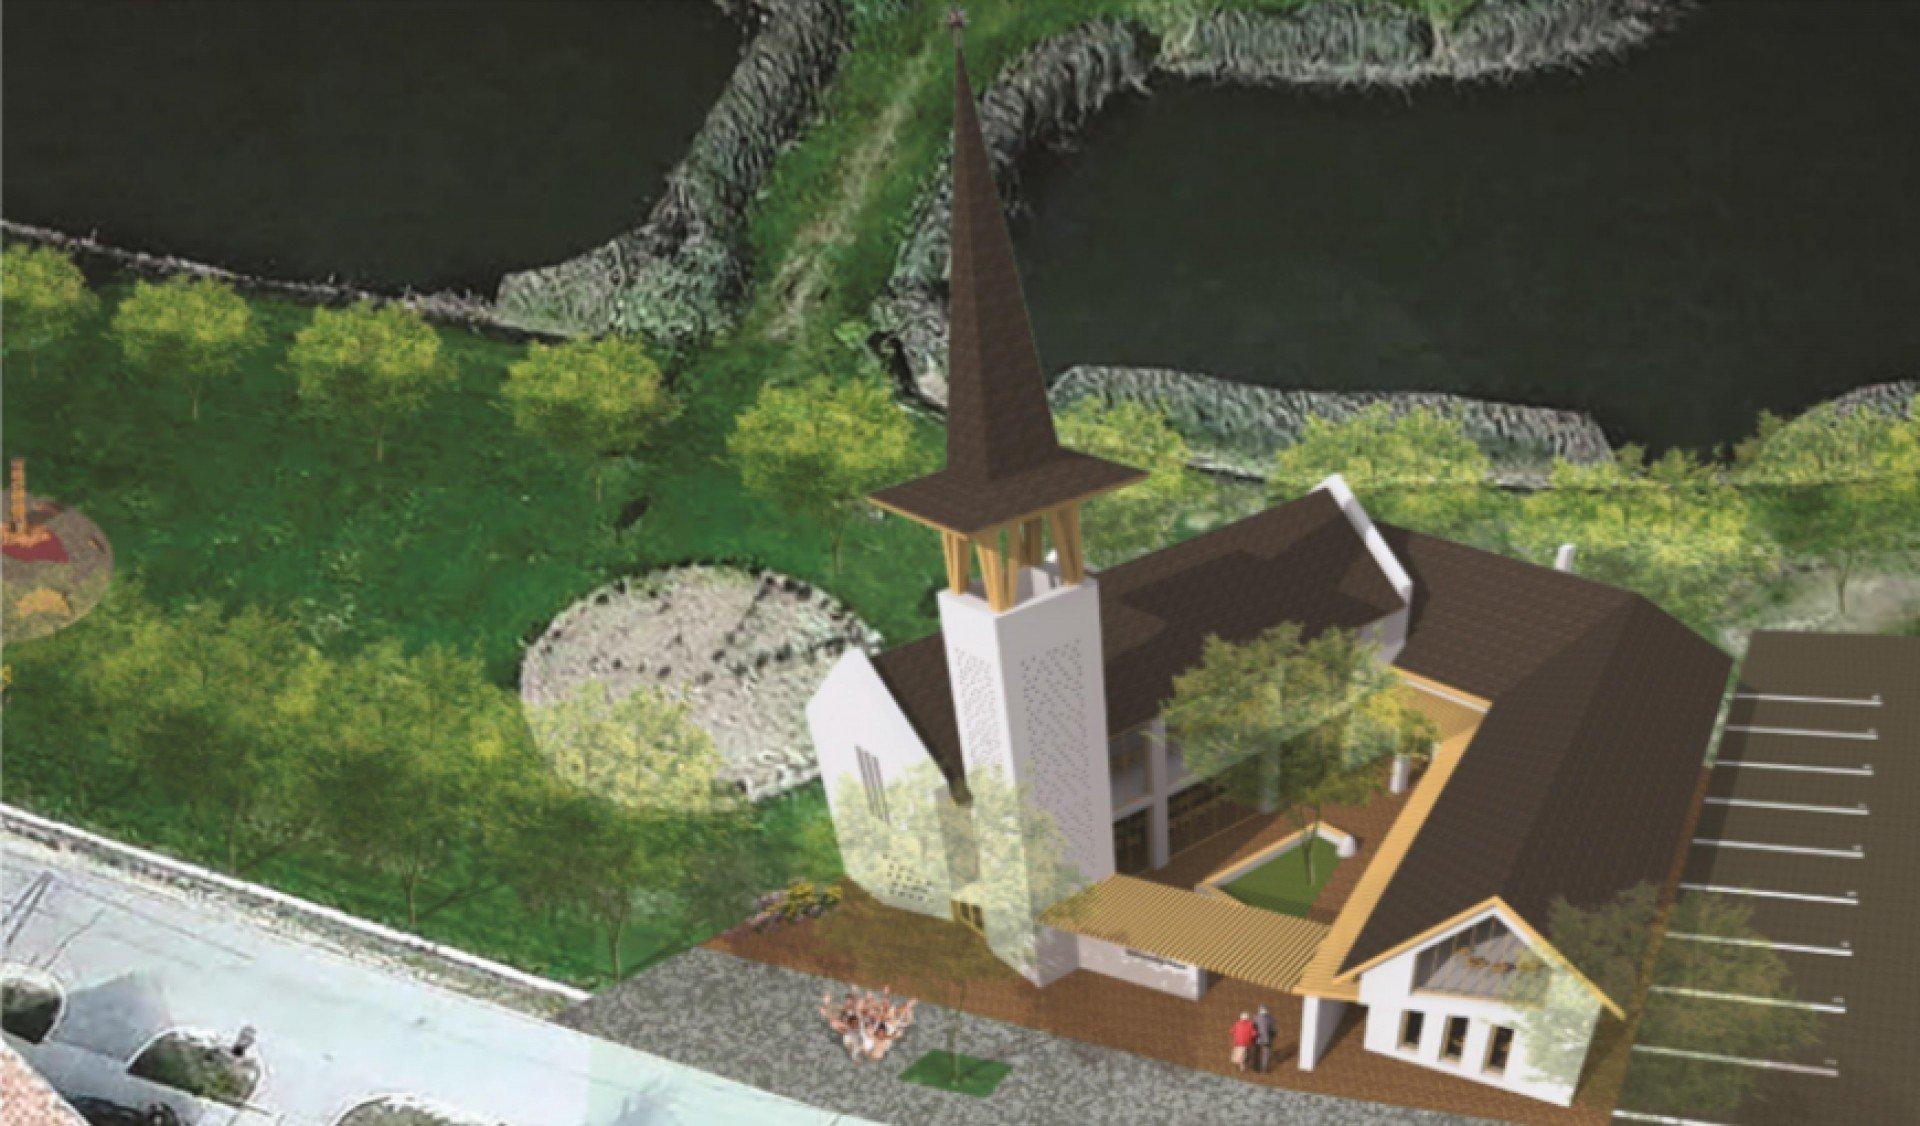 Református templom és közösségi ház épül Taksonyban